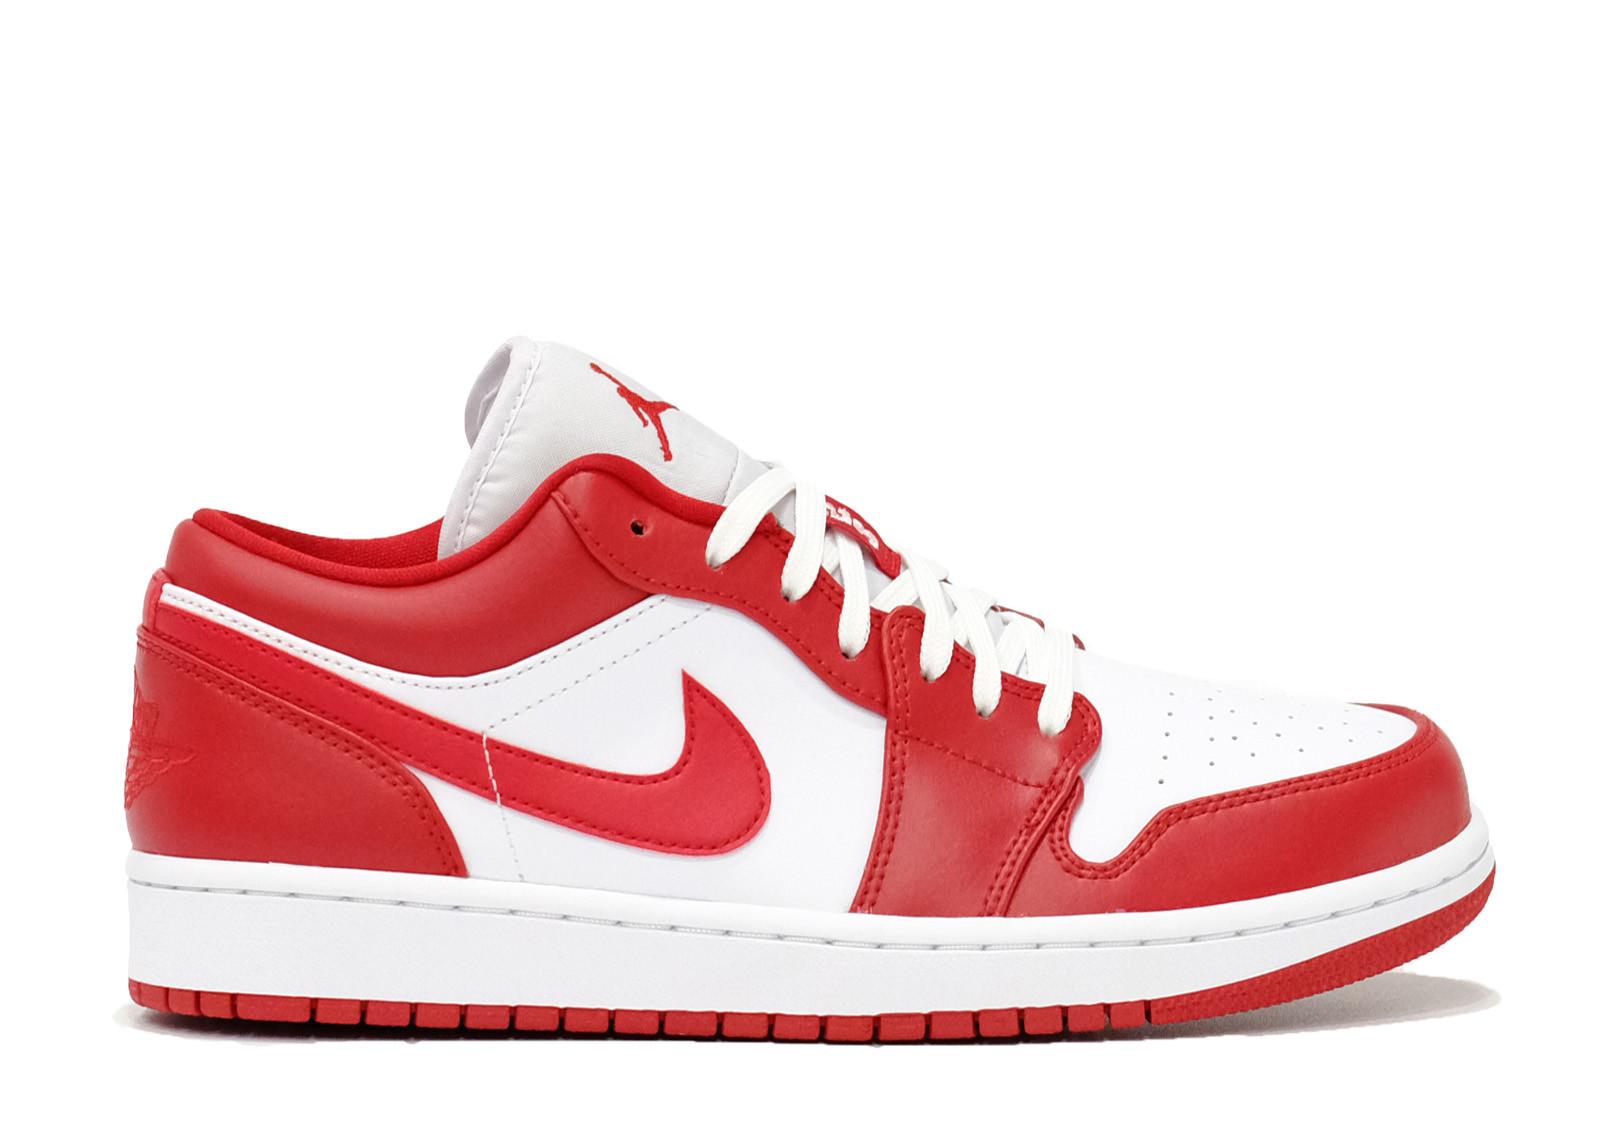 AIR JORDAN 1 LOW GYM RED WHITE image 1